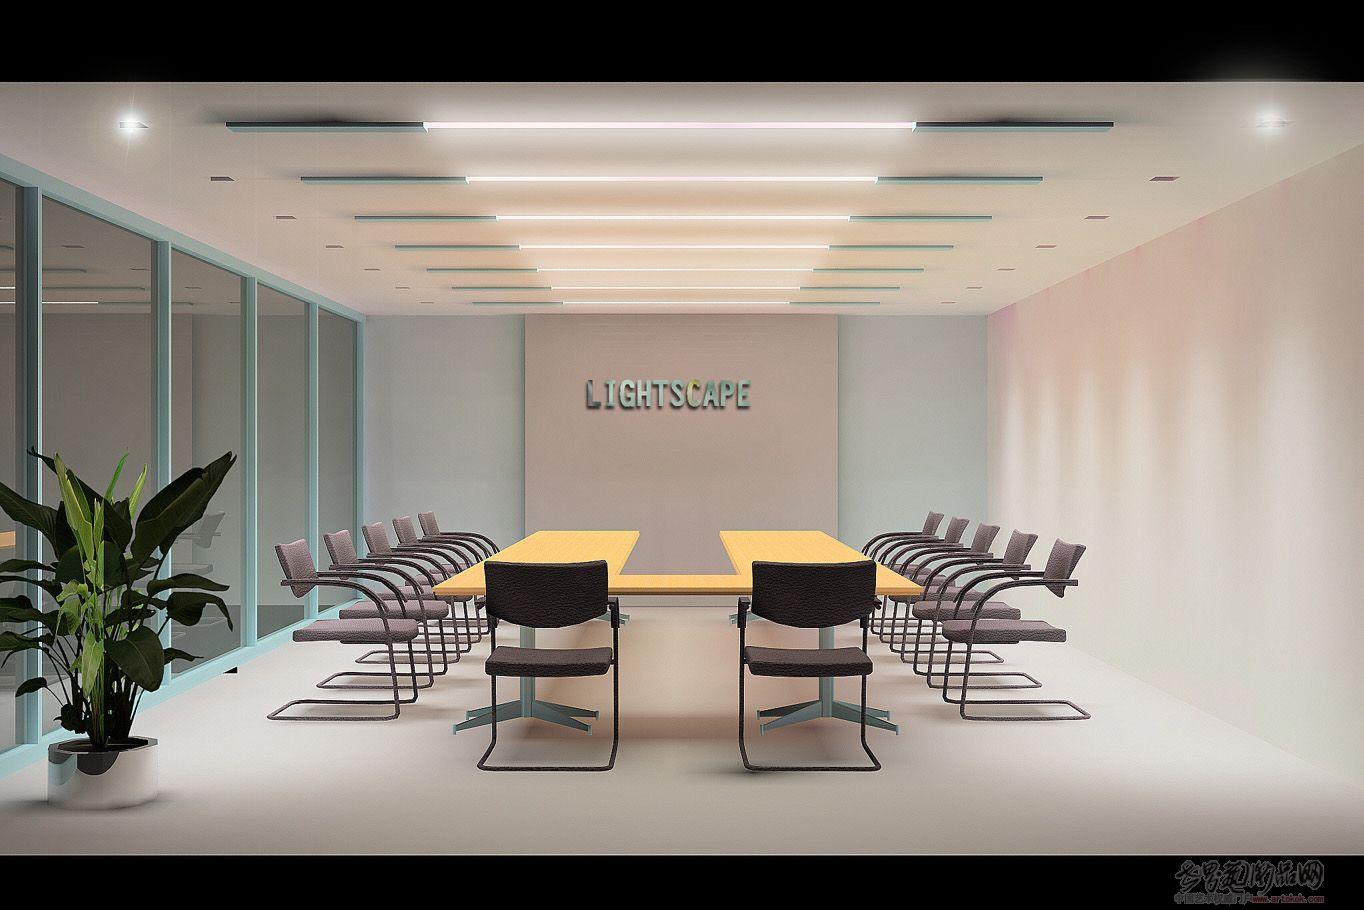 冰烟 [湖北 武汉市]   设计师类型:室内设计师设计专长: 住宅公寓&nbs